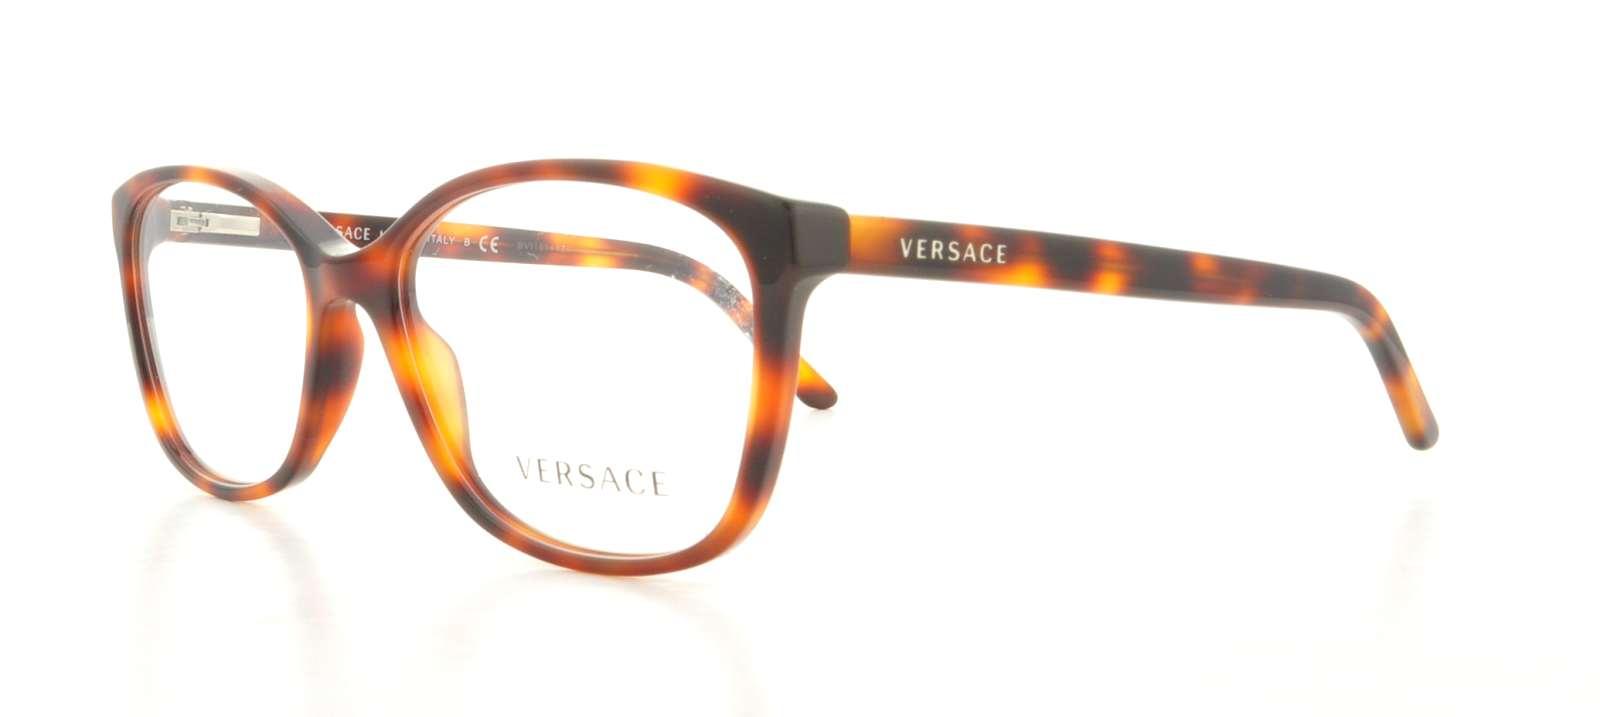 3ef041d22e2 Designer Frames Outlet. Versace VE3147M